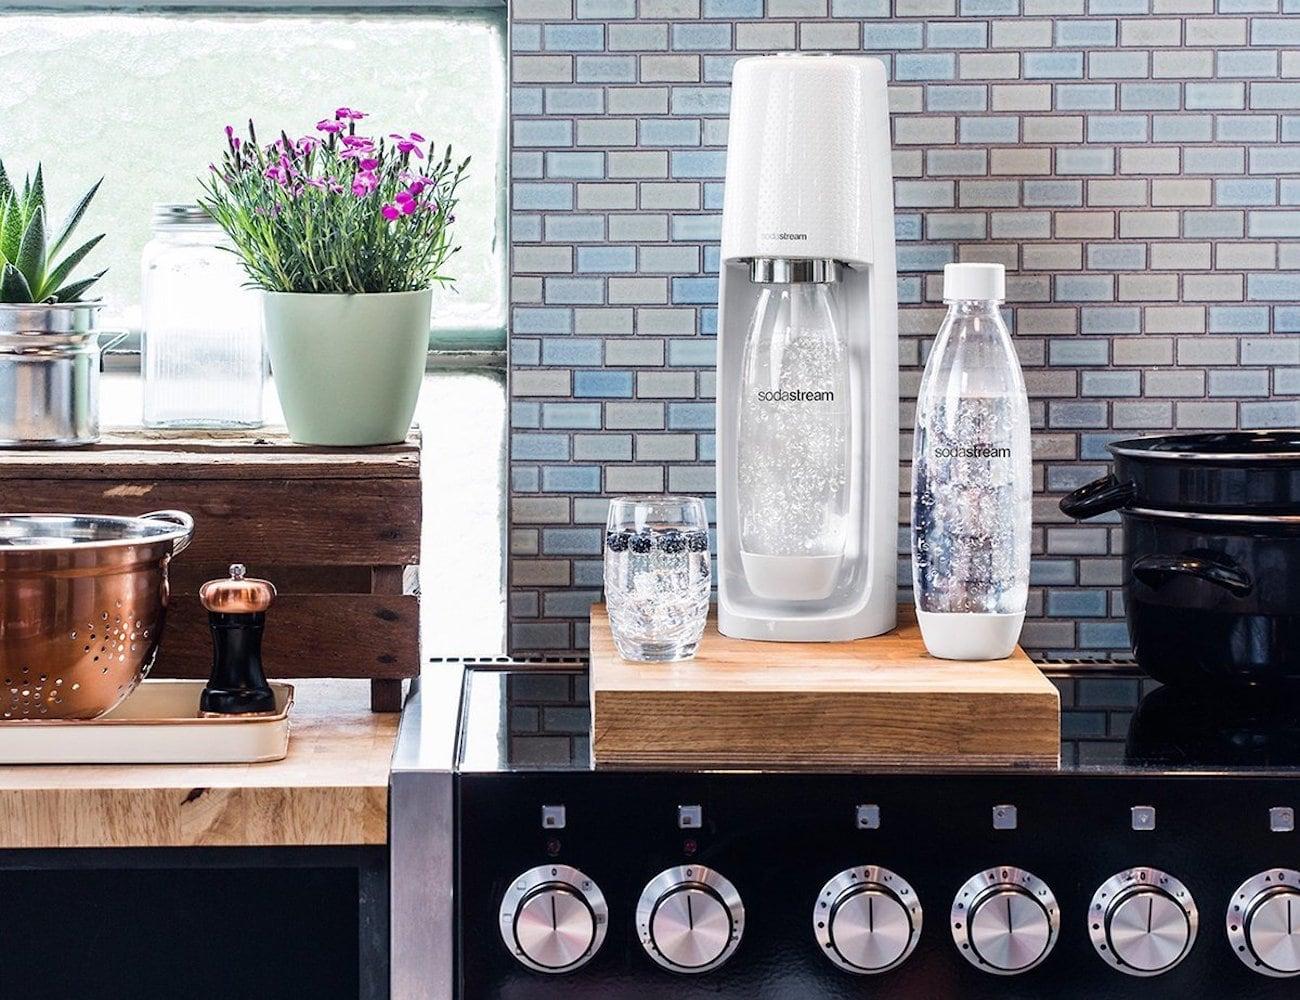 SodaStream Water Maker